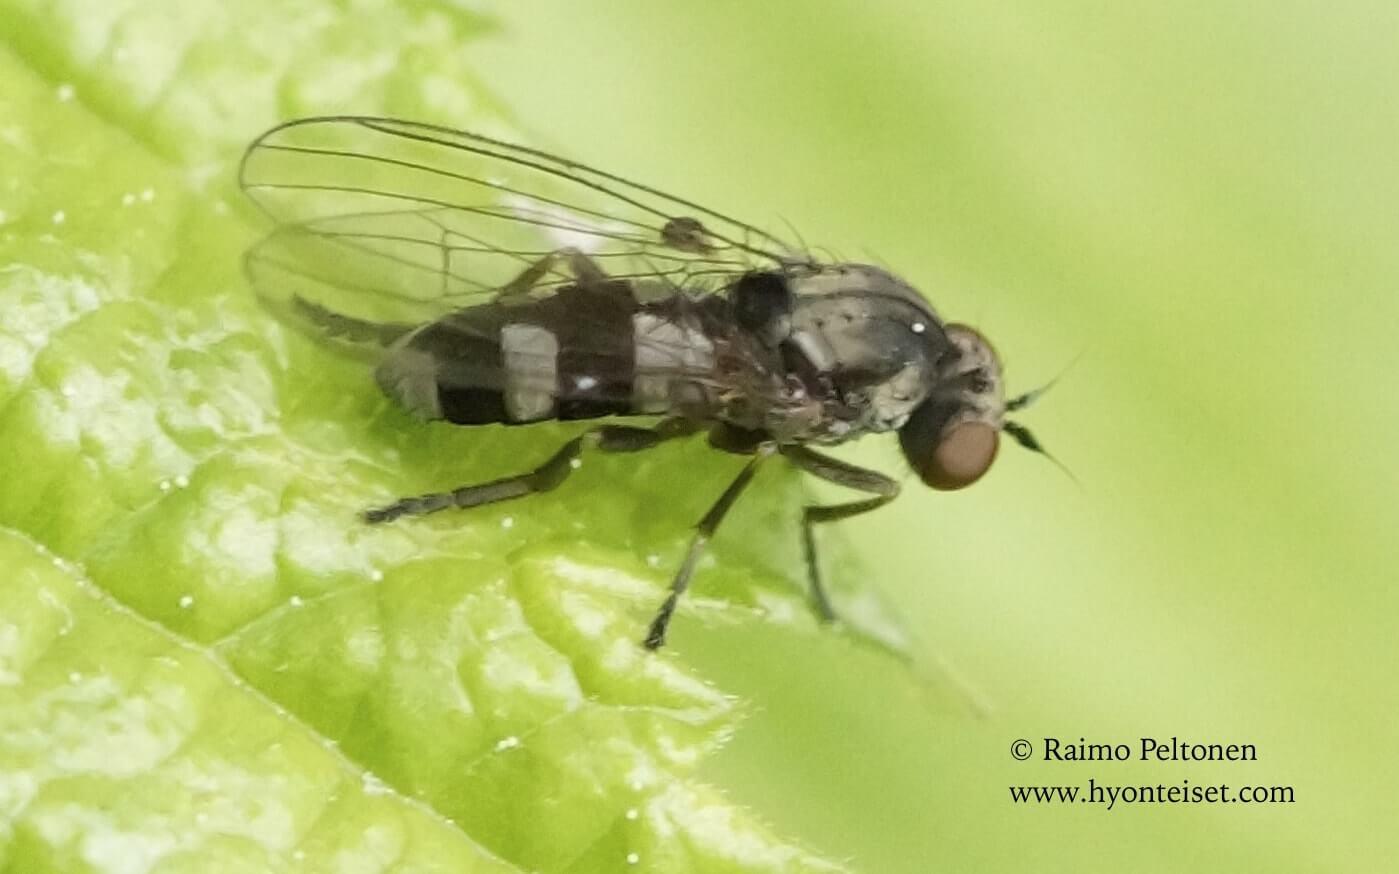 Callomyia dives, naaras (det. Menno Reemer), 22.6.2017 Jyväskylä